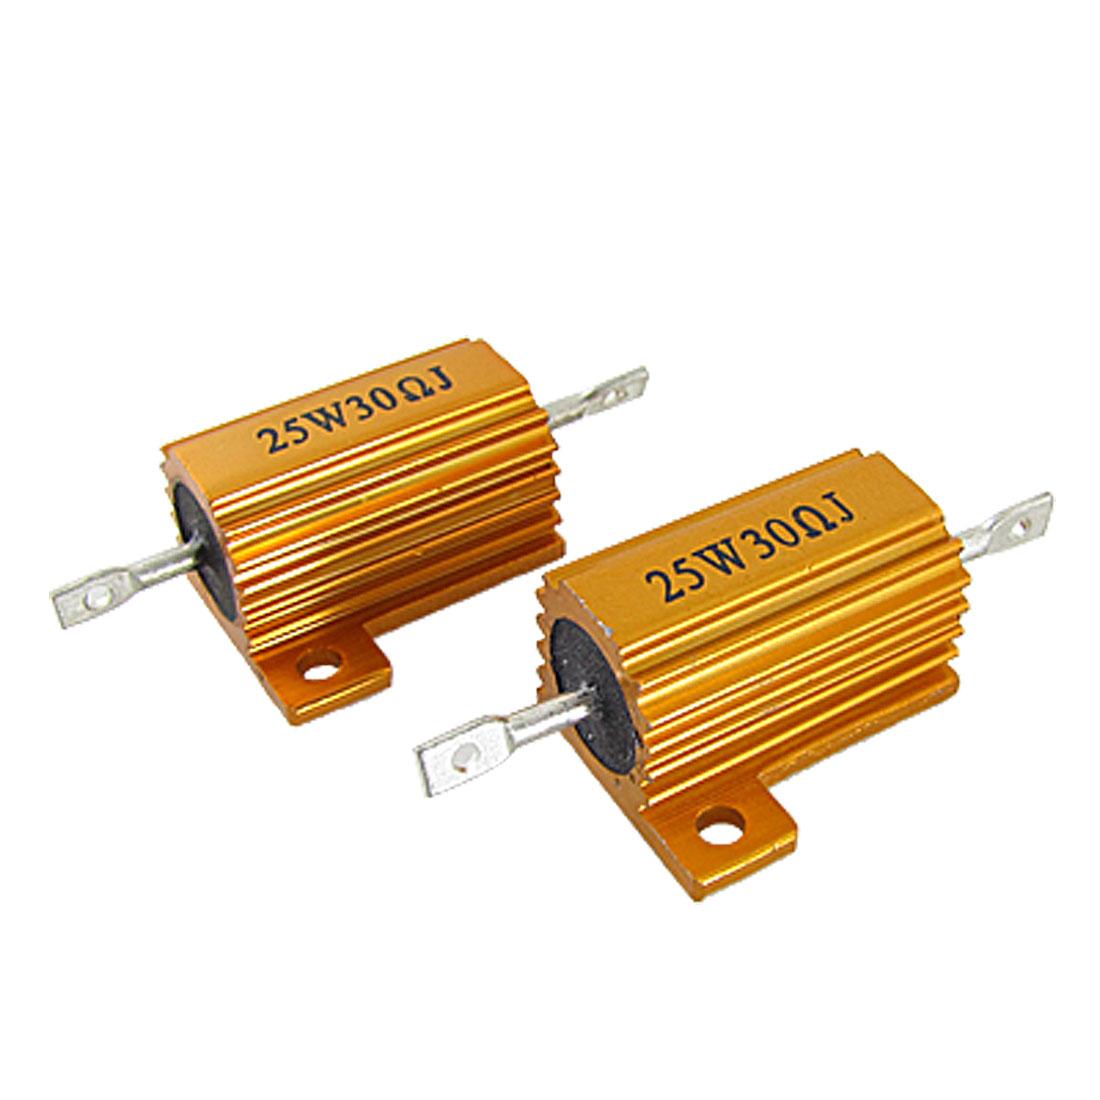 2 Pcs Gold Tone Aluminum Clad Wire Wound Resistors 25W 30 Ohm 5%